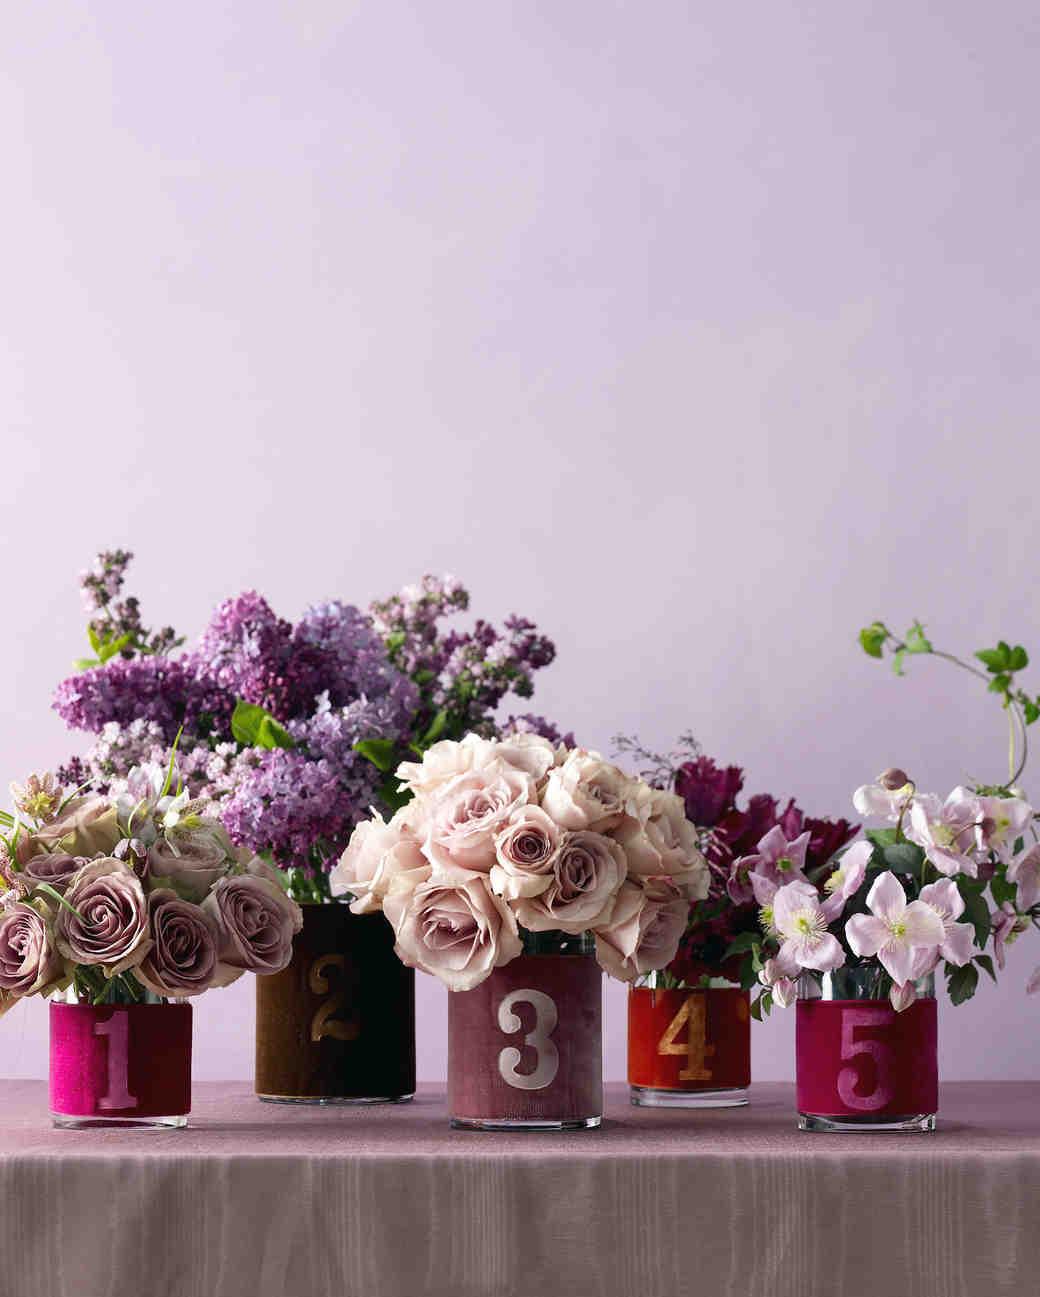 diy-table-numbers-velvet-plant-vessels-f09-0715.jpg